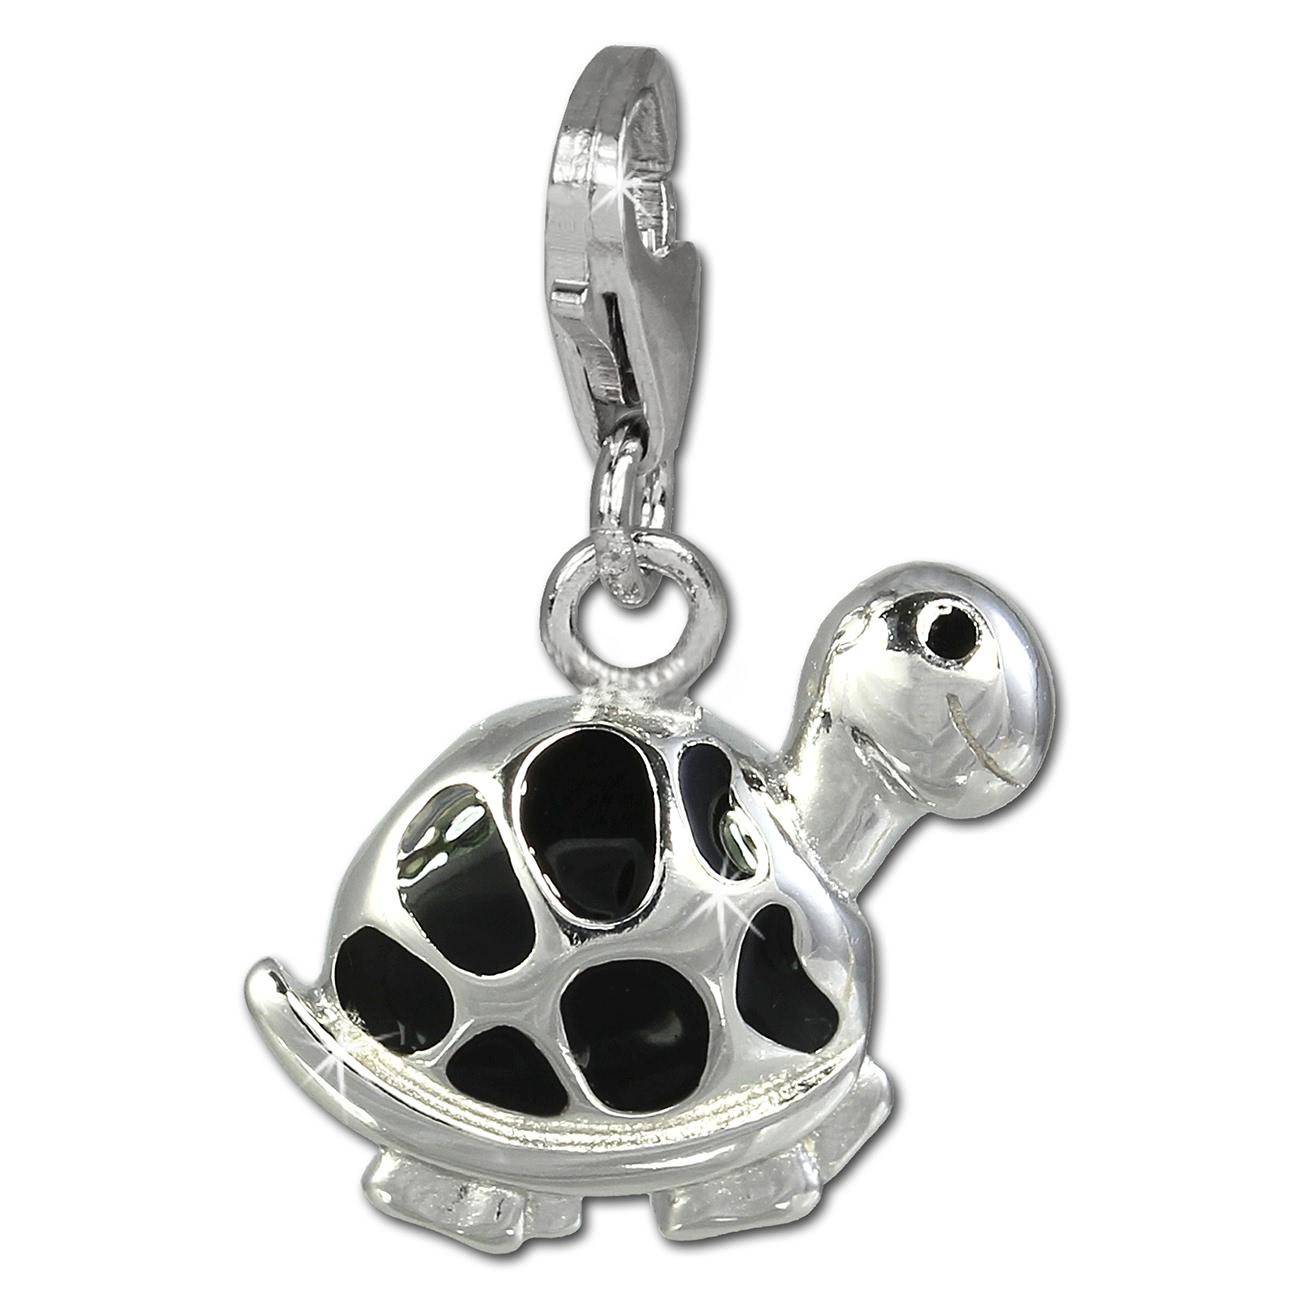 Charm Schildkröte schwarz in 925 Sterling Silber Charms Anhänger für Armbänder Silber Dream Charms FC818S